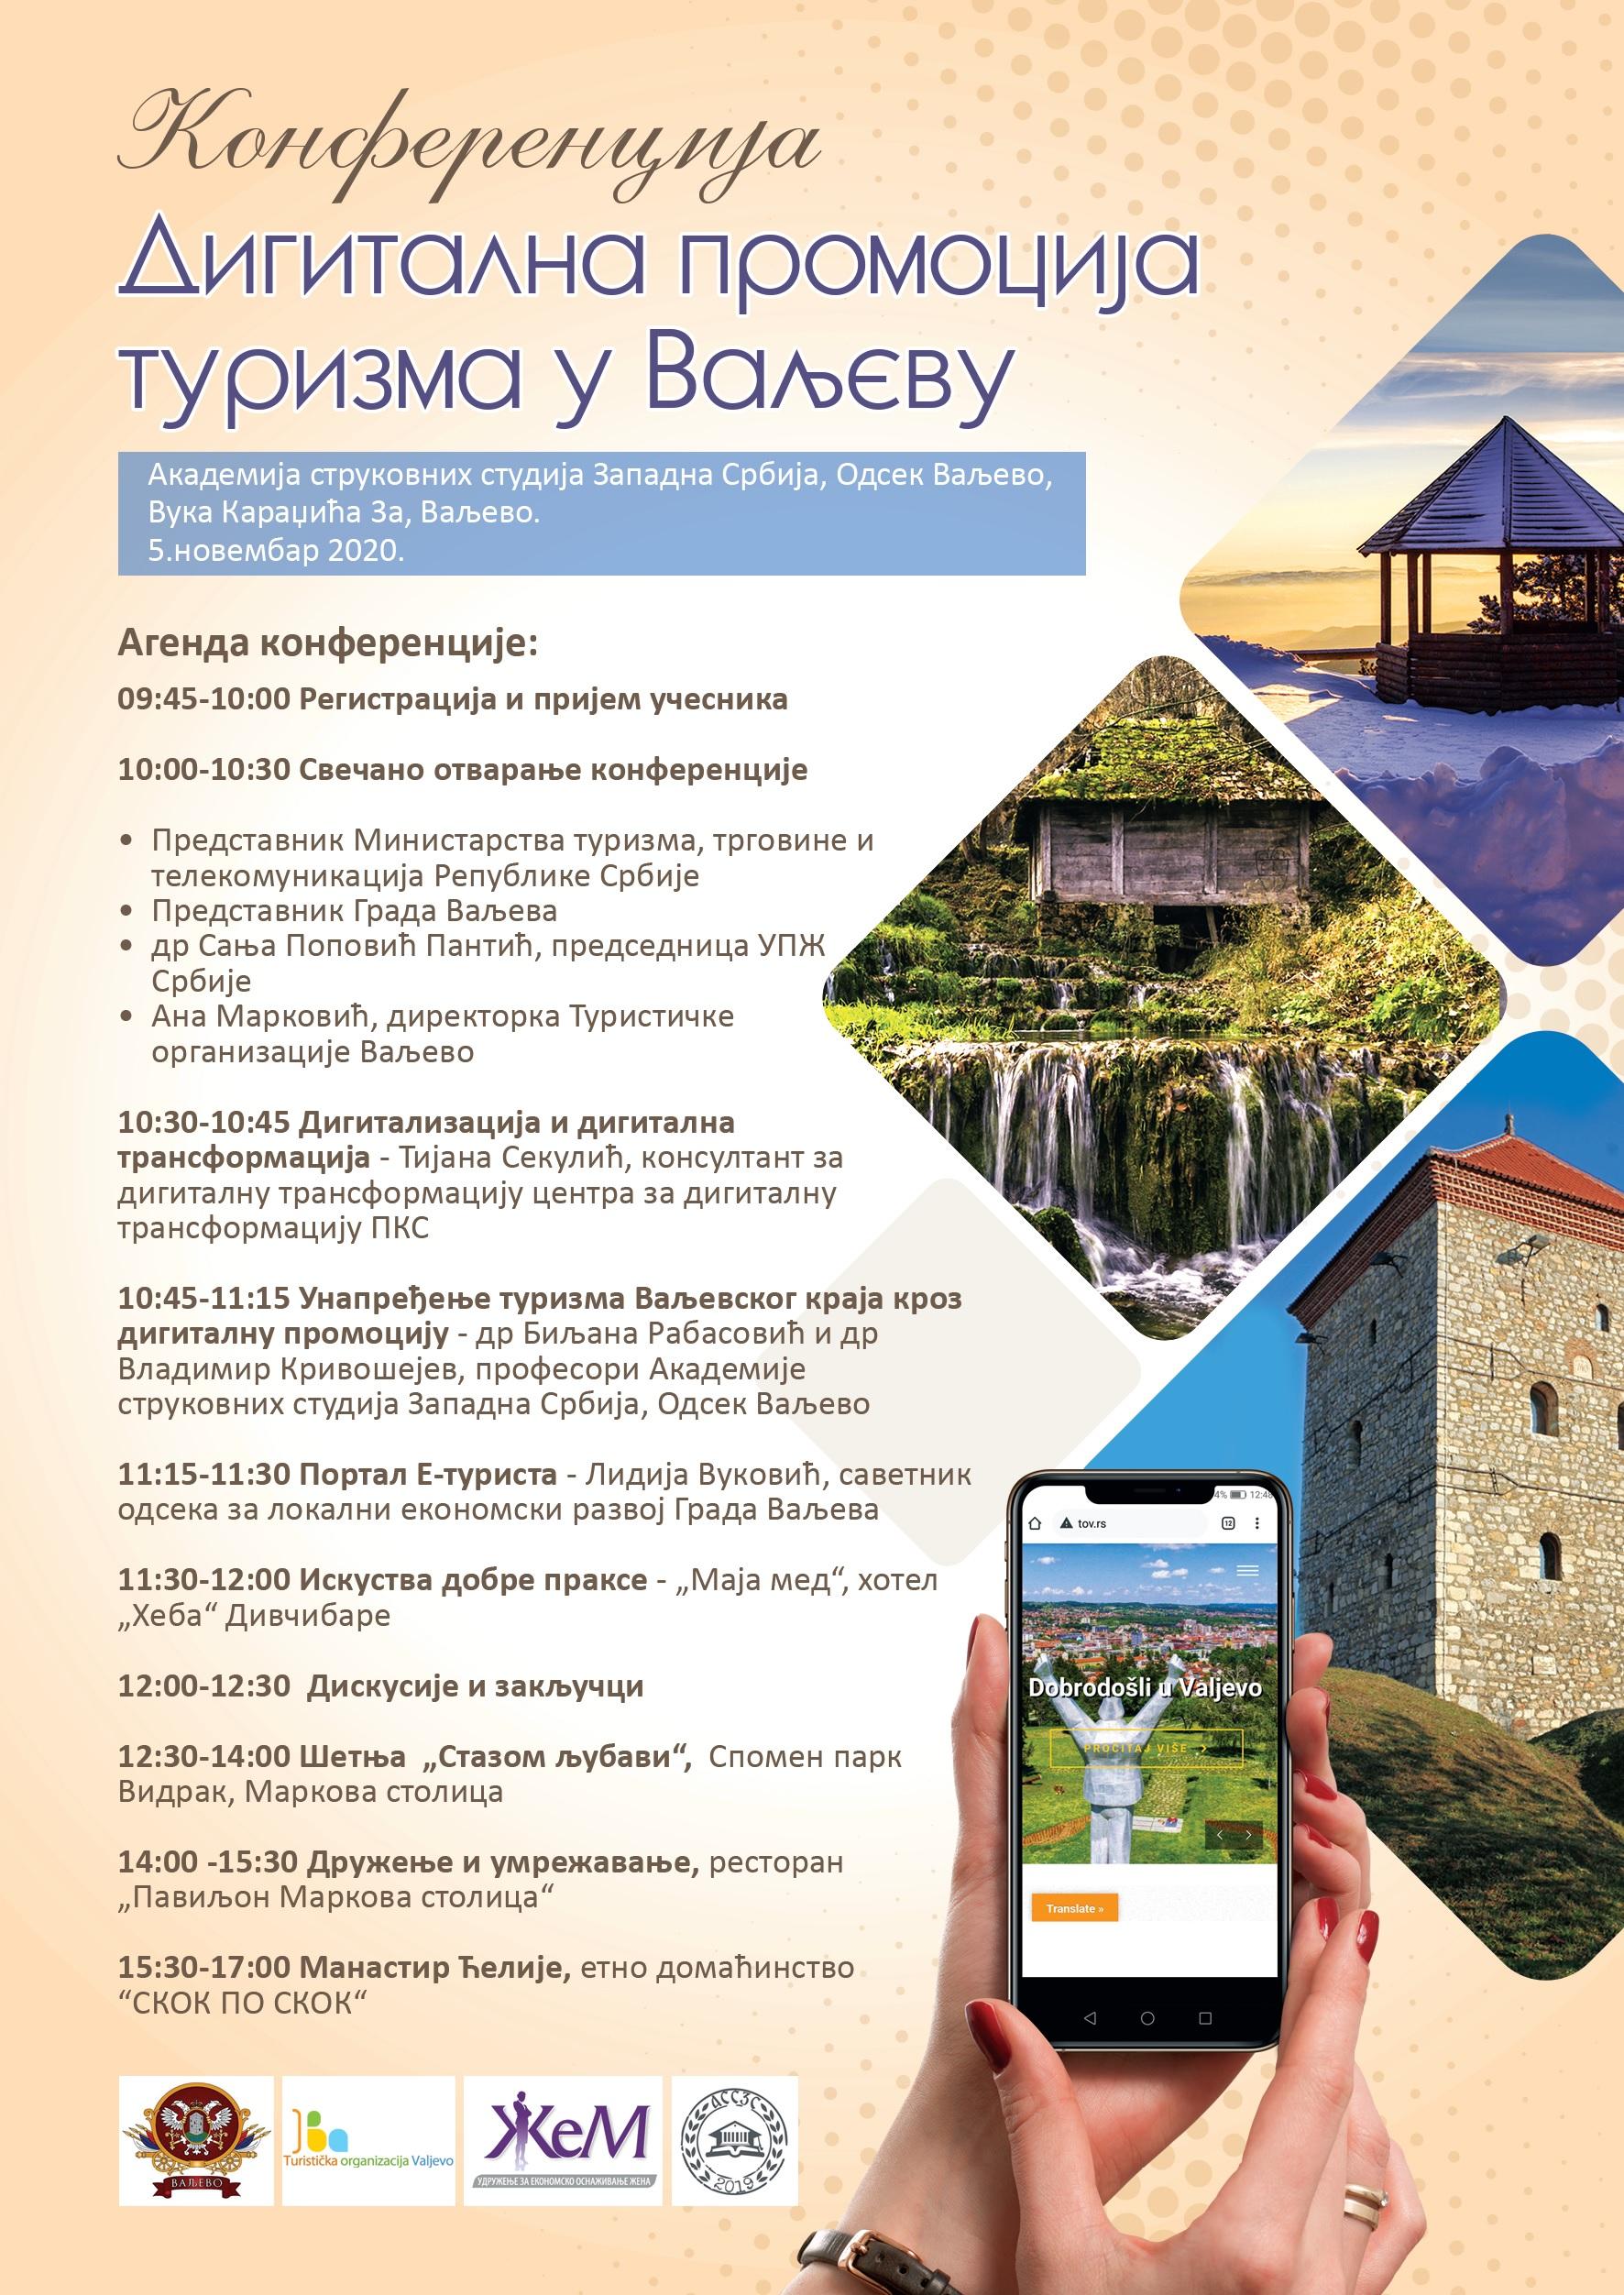 Turistuička organizacija Valjevo